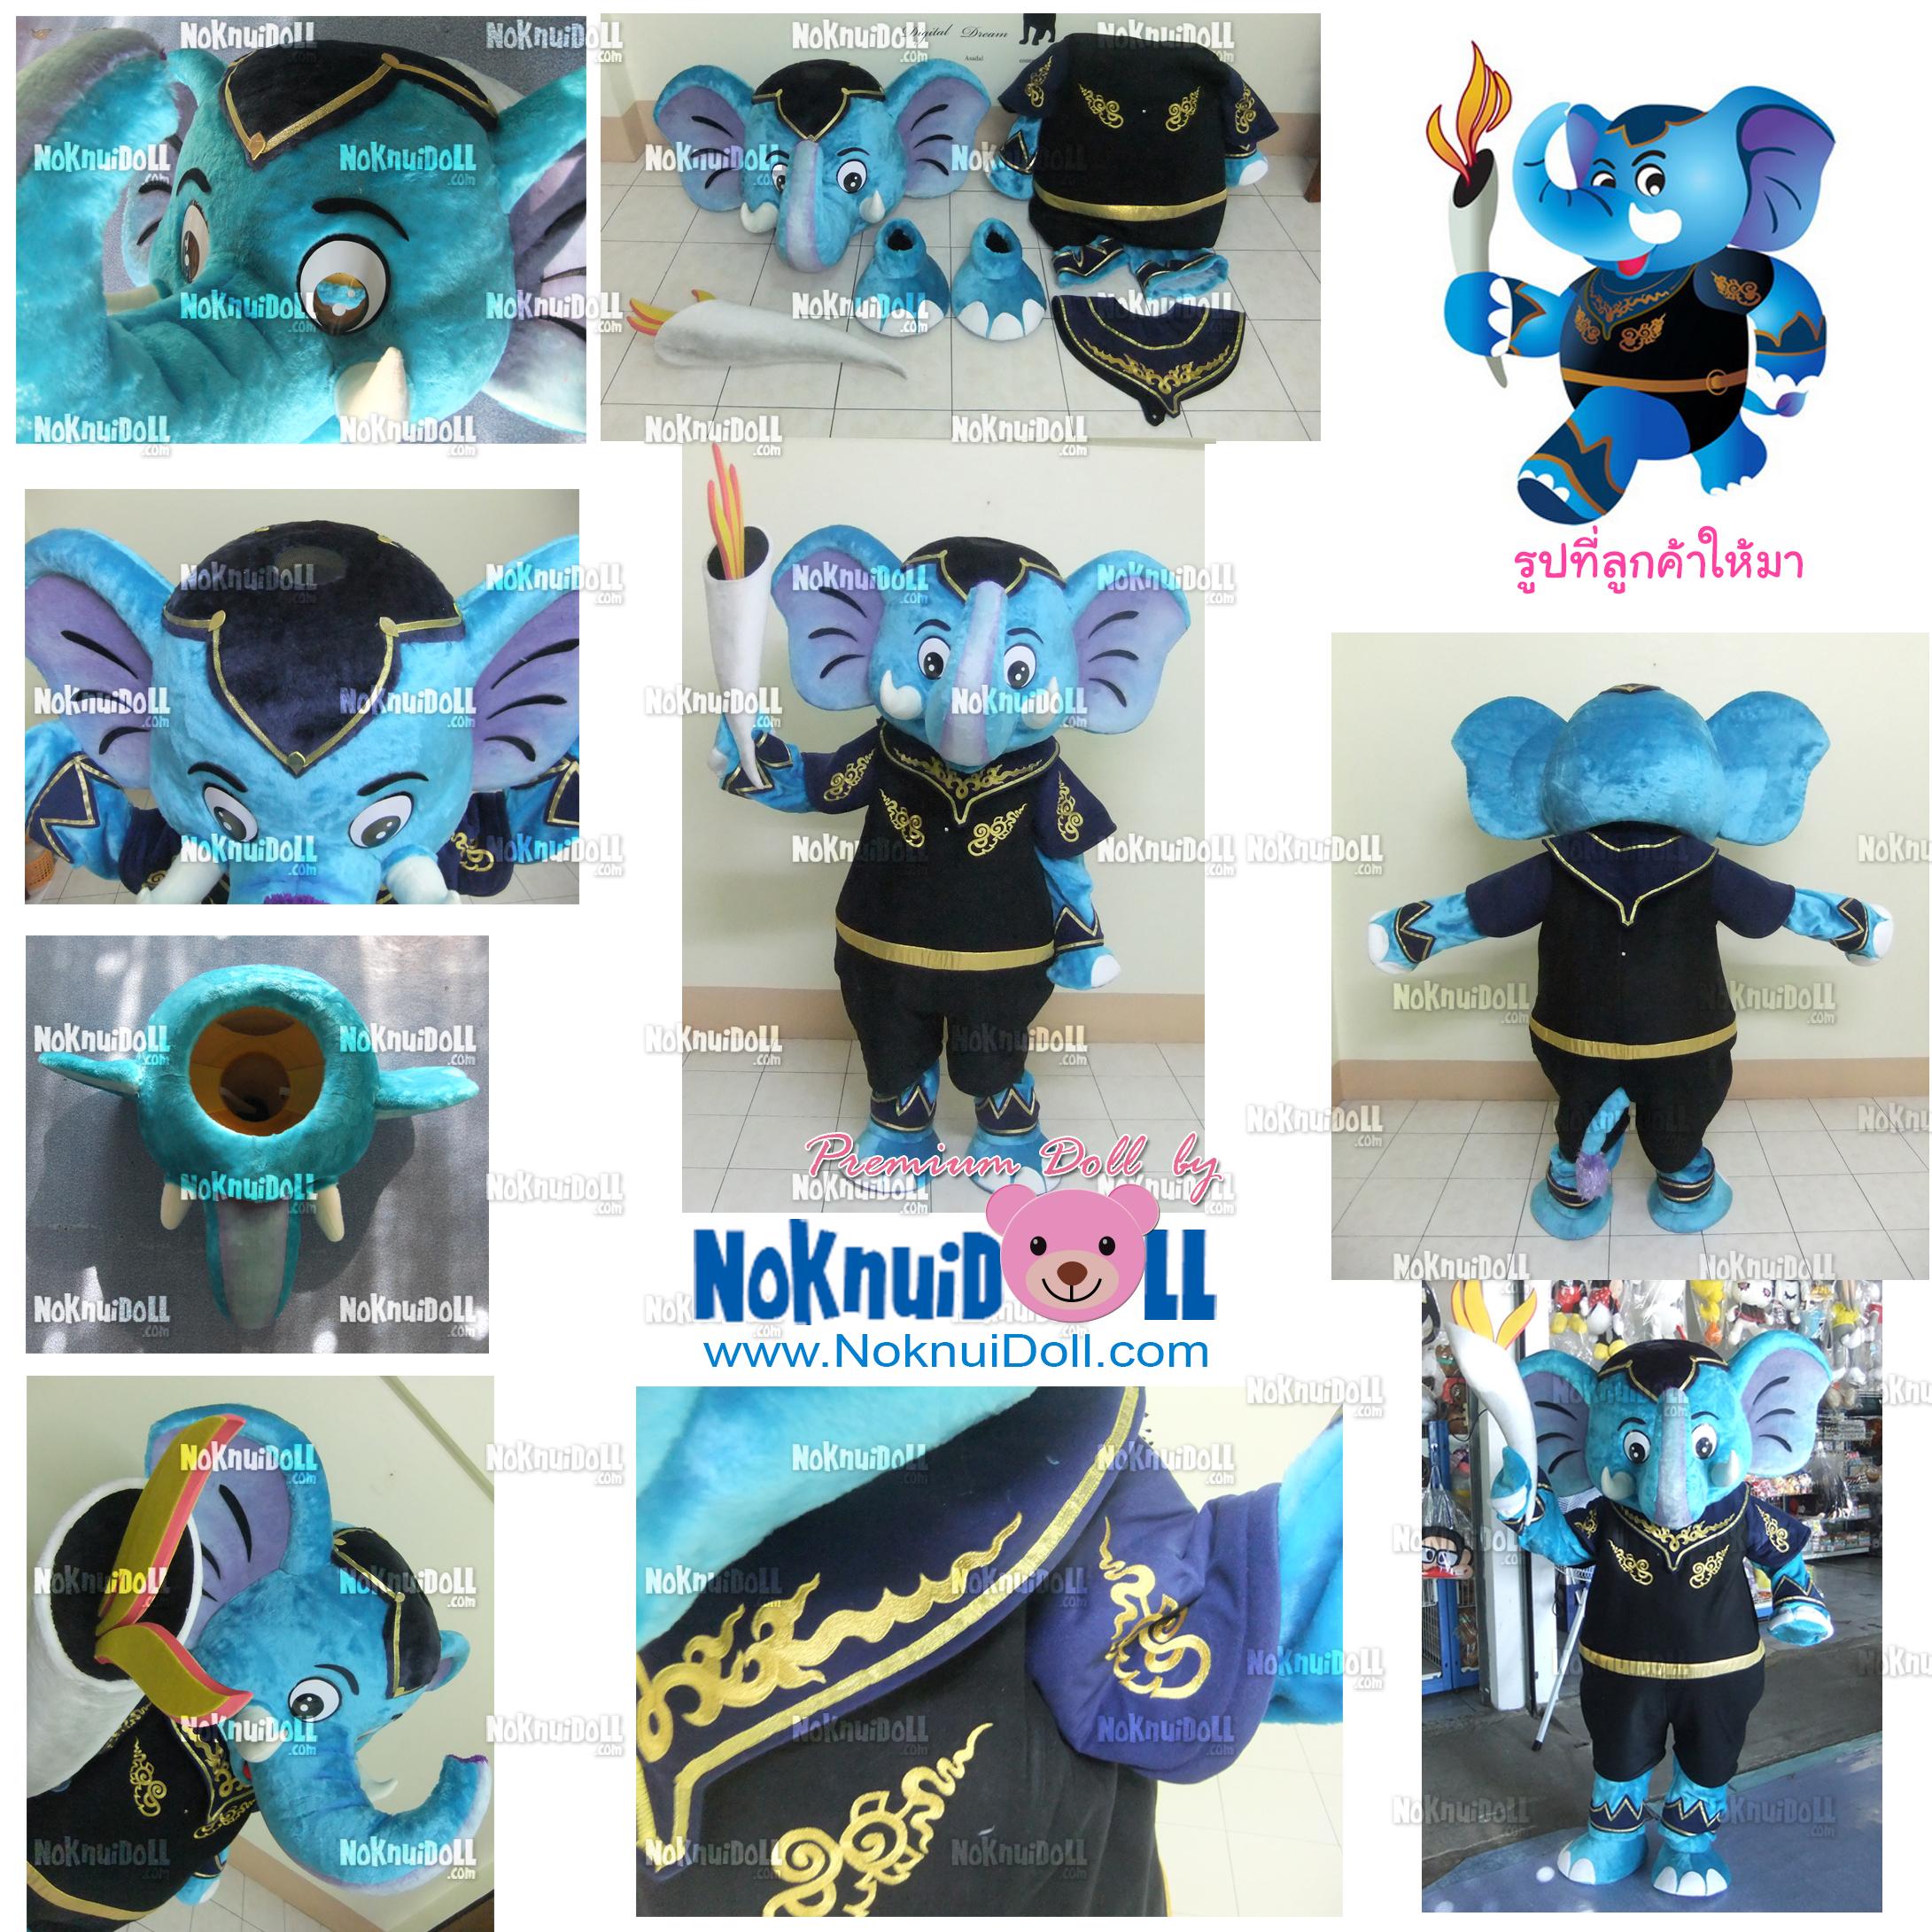 ตุ๊กตาสวมใส่คน ช้าง พิษณุโลก, ช้างนักรบ